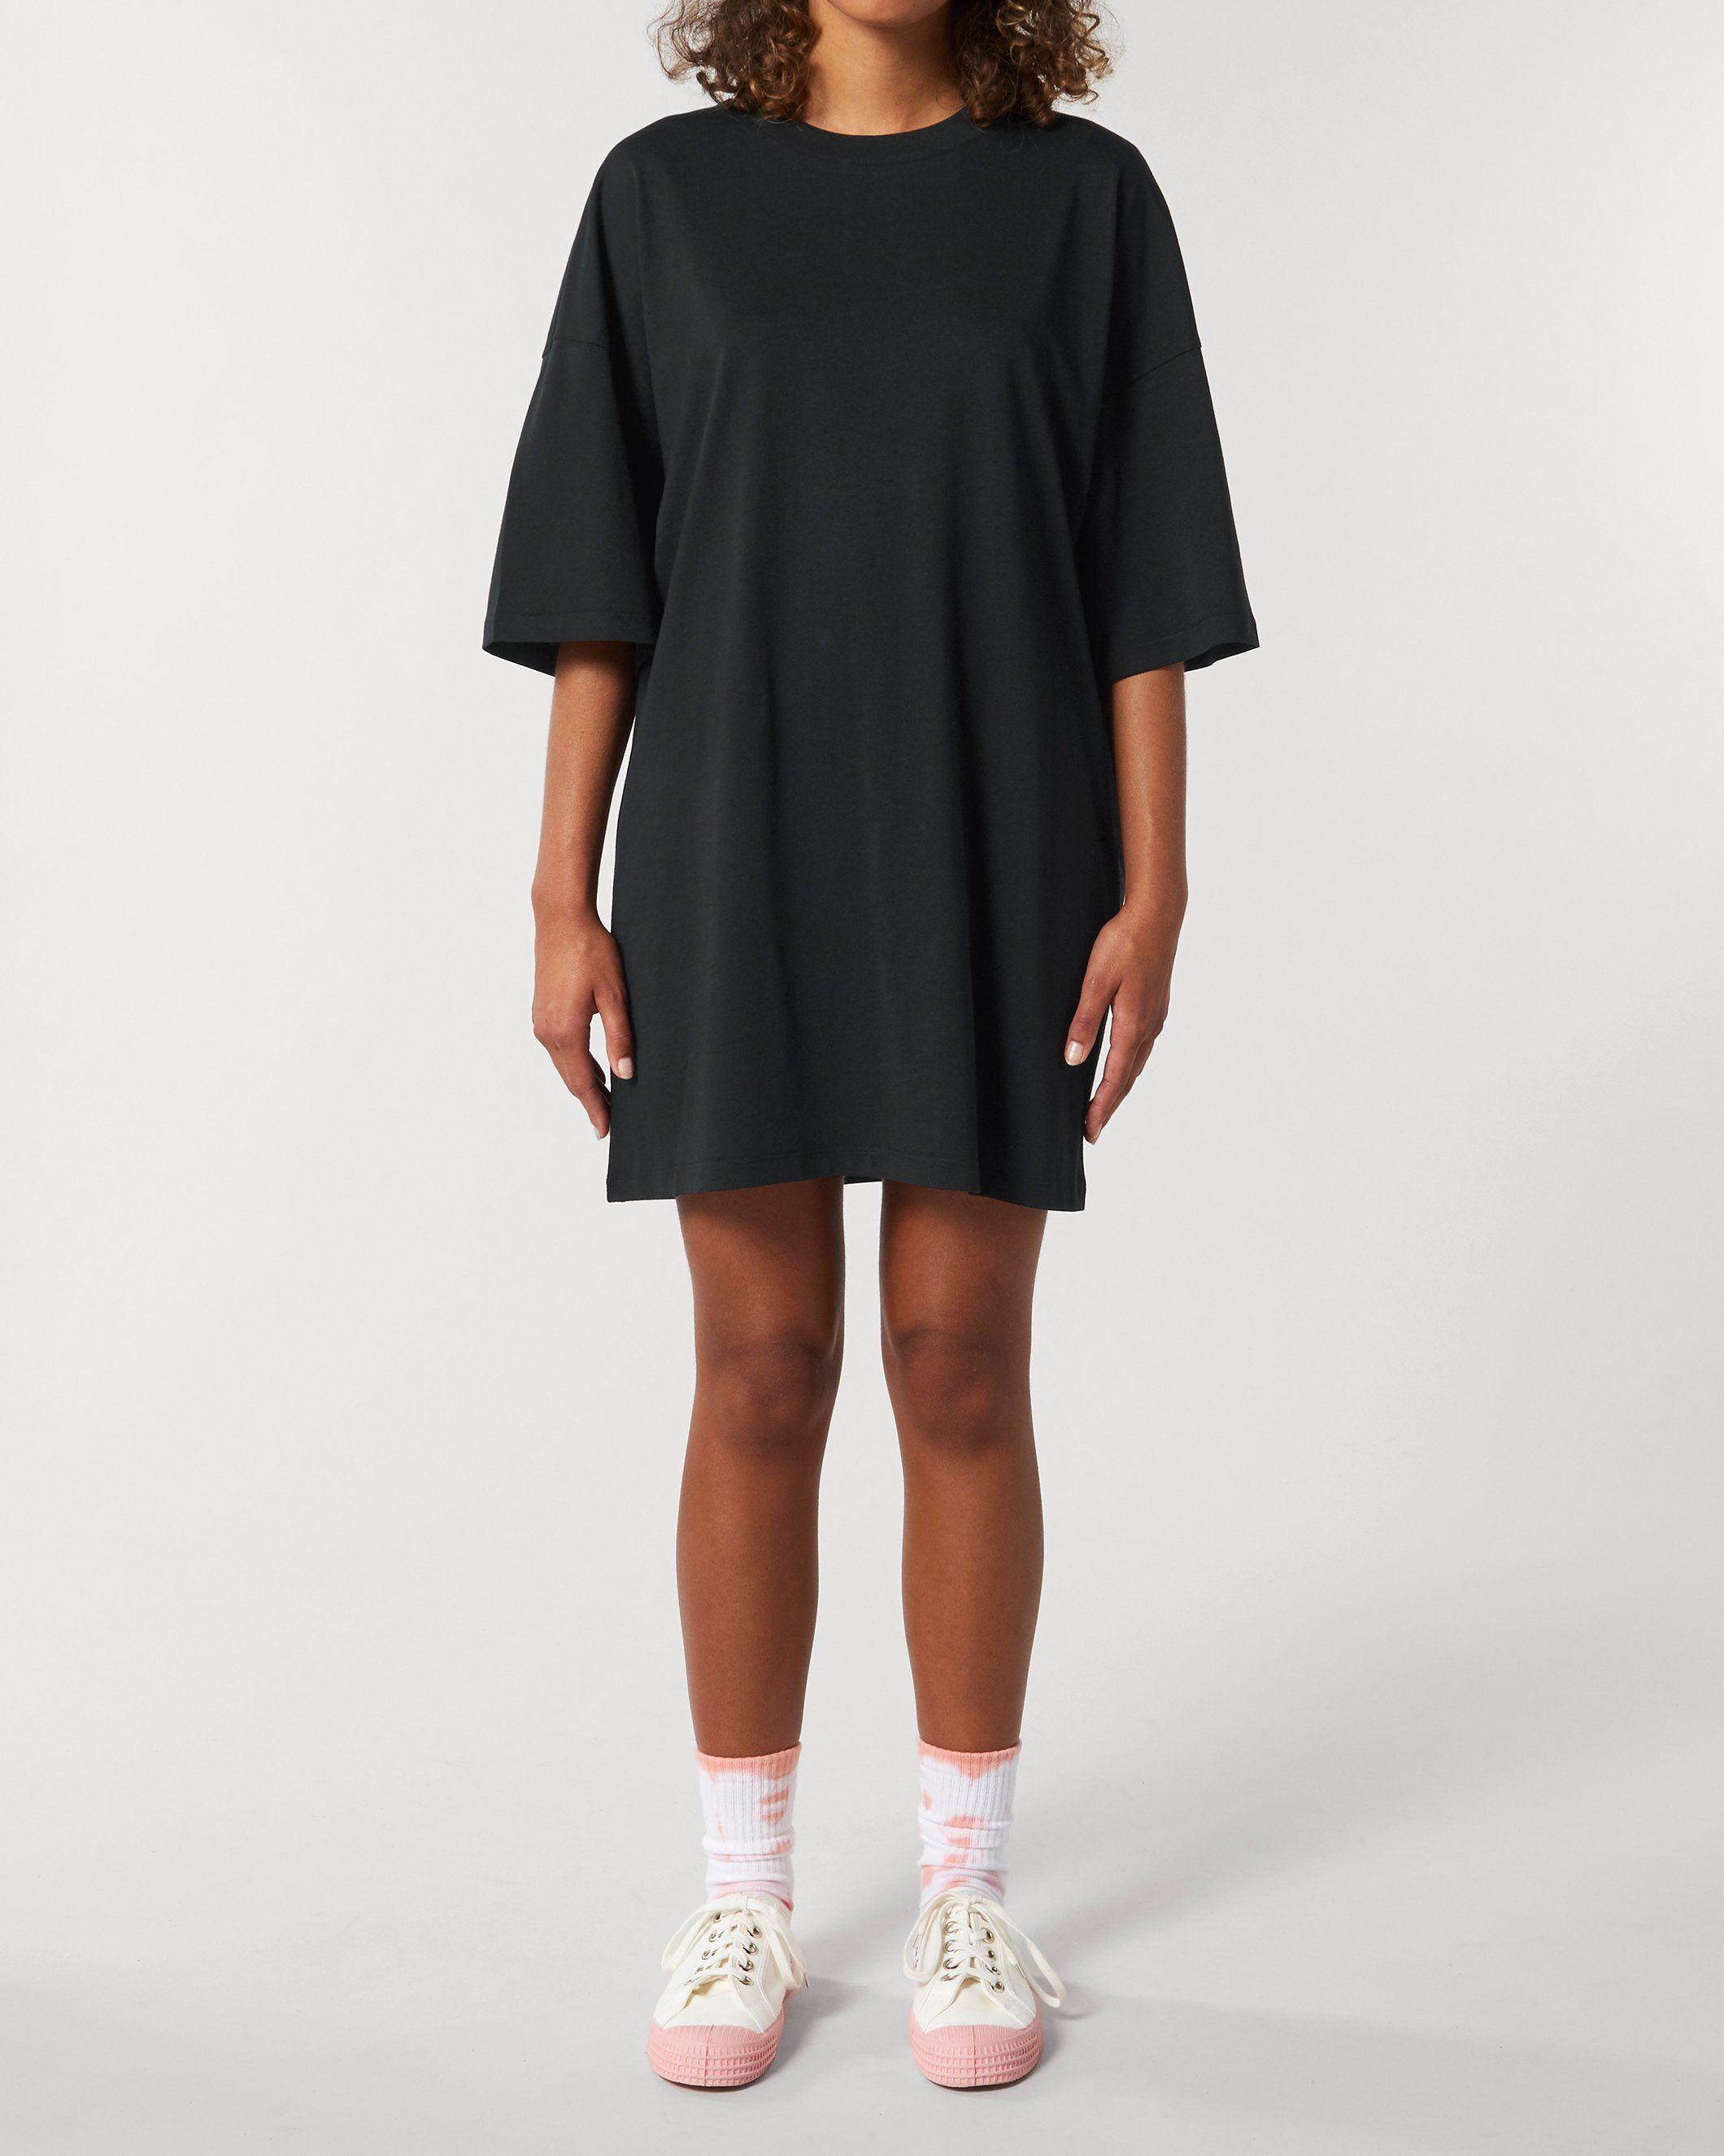 Tandra Women's Oversized Jersey Dress in Black